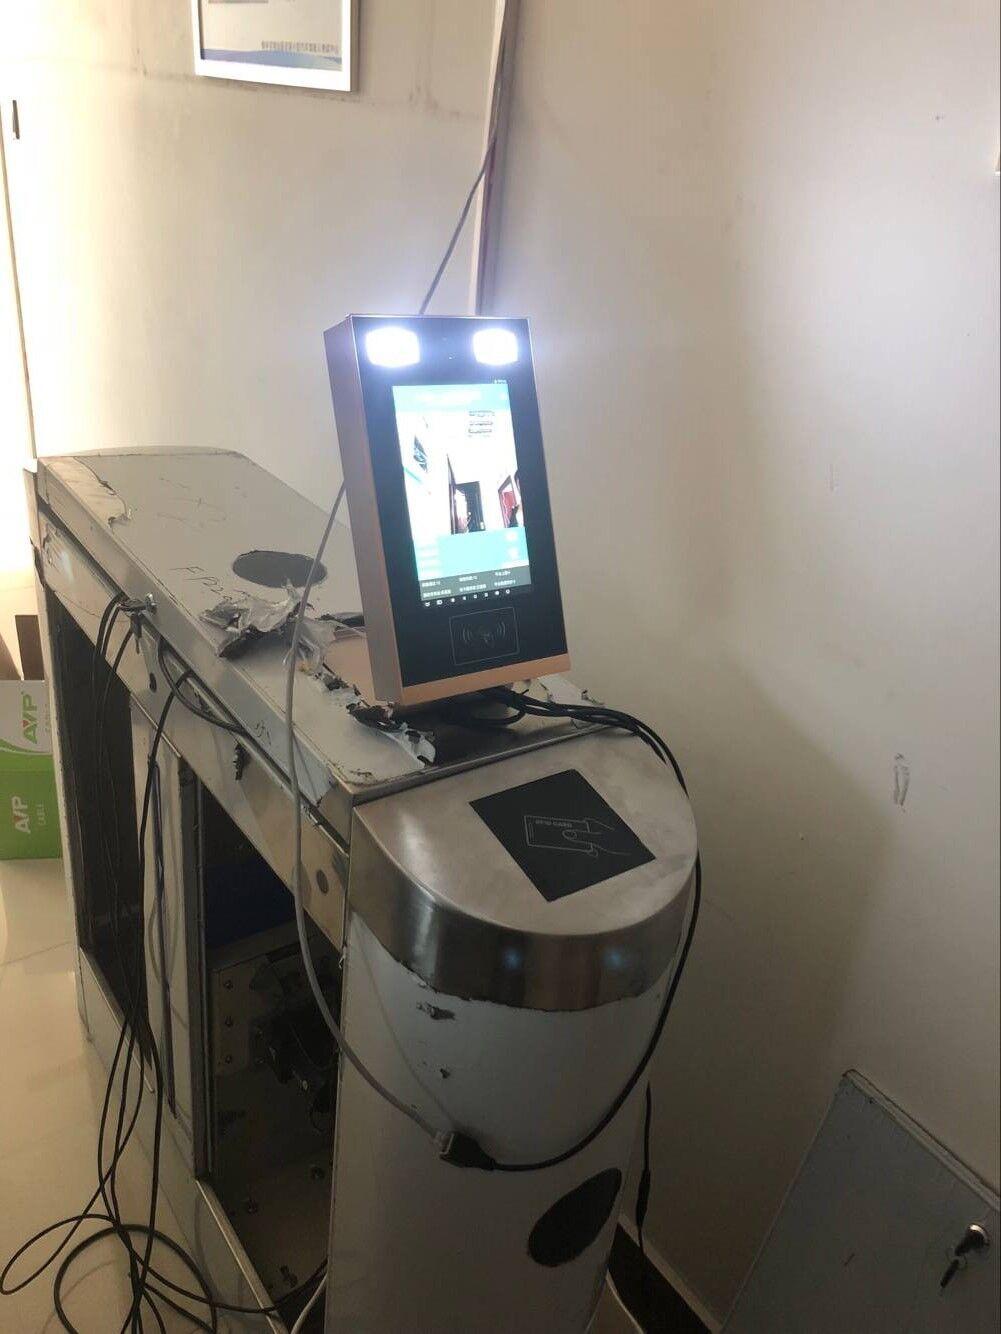 神盾SDR-2人证核验一体机,活体检测人脸识别机,人证一体机